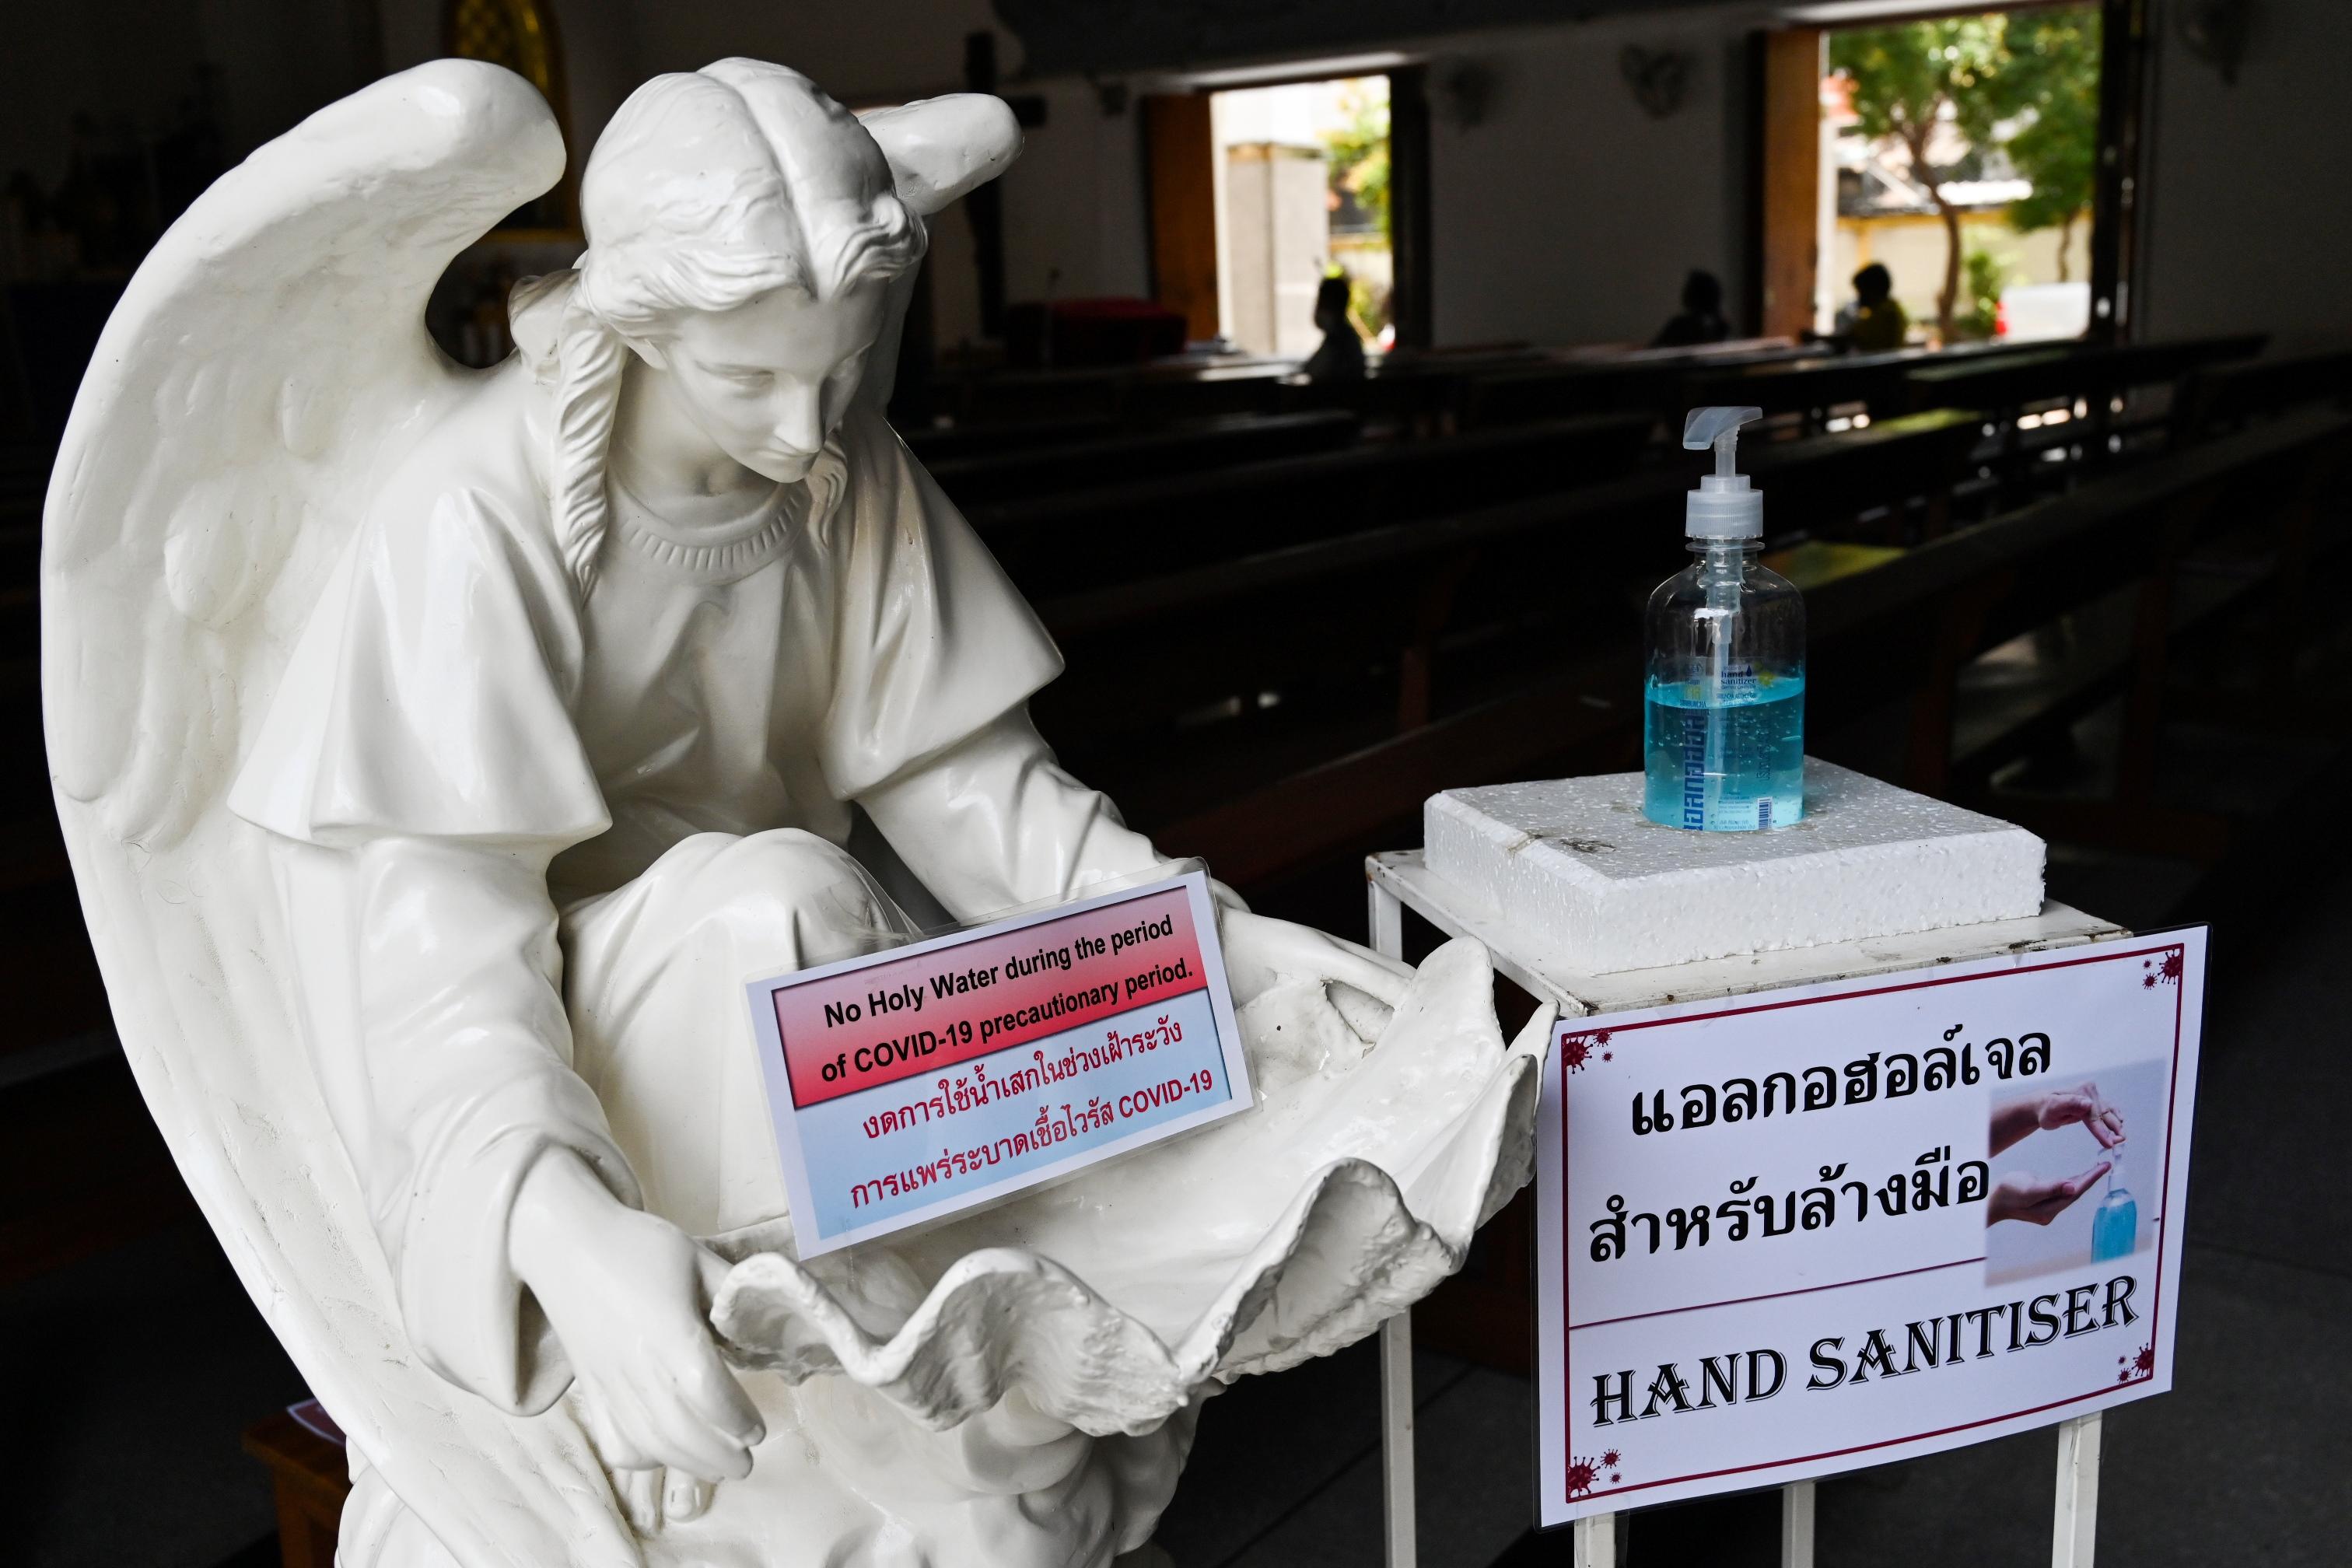 Kézfertőtlenítőt osztogató szerzetesek és BMW-ből hallgatott prédikáció